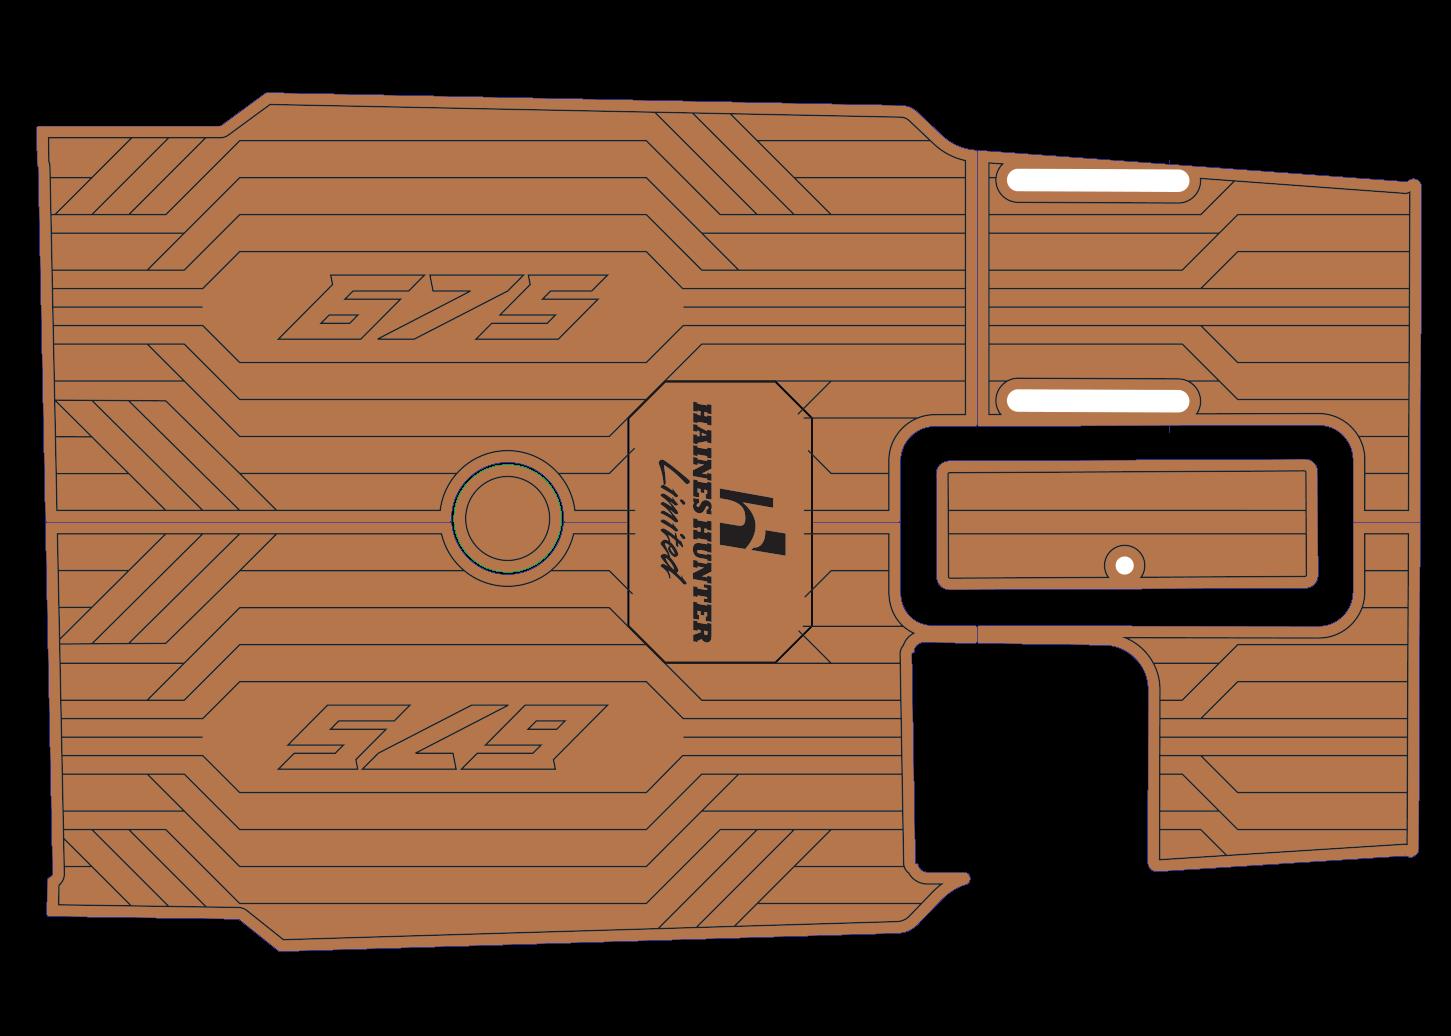 675 Offshore udek boat flooring